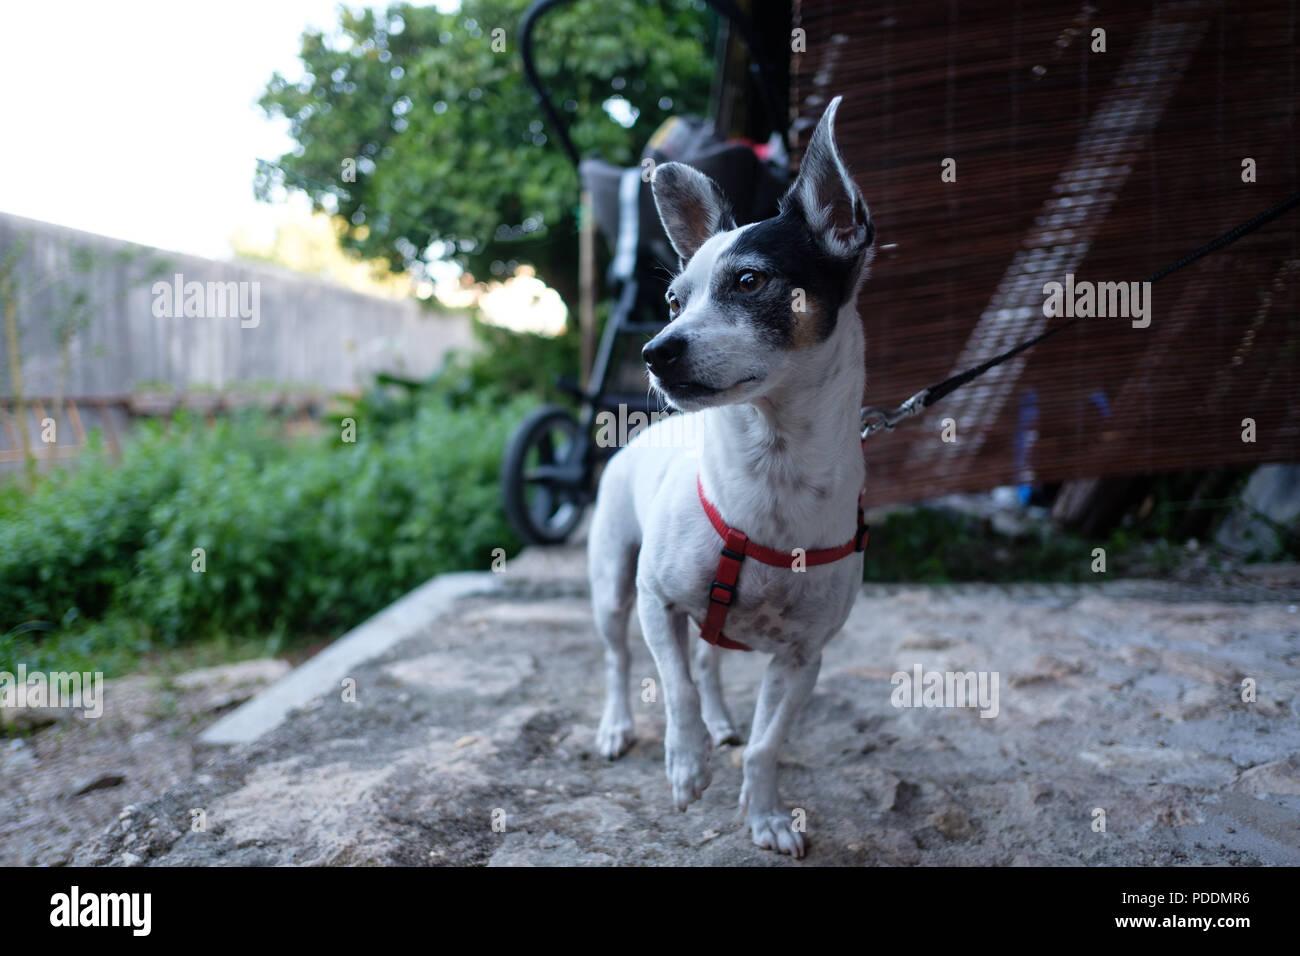 Attento piccolo cane bianco con orecchie perked fino al guinzaglio Immagini Stock